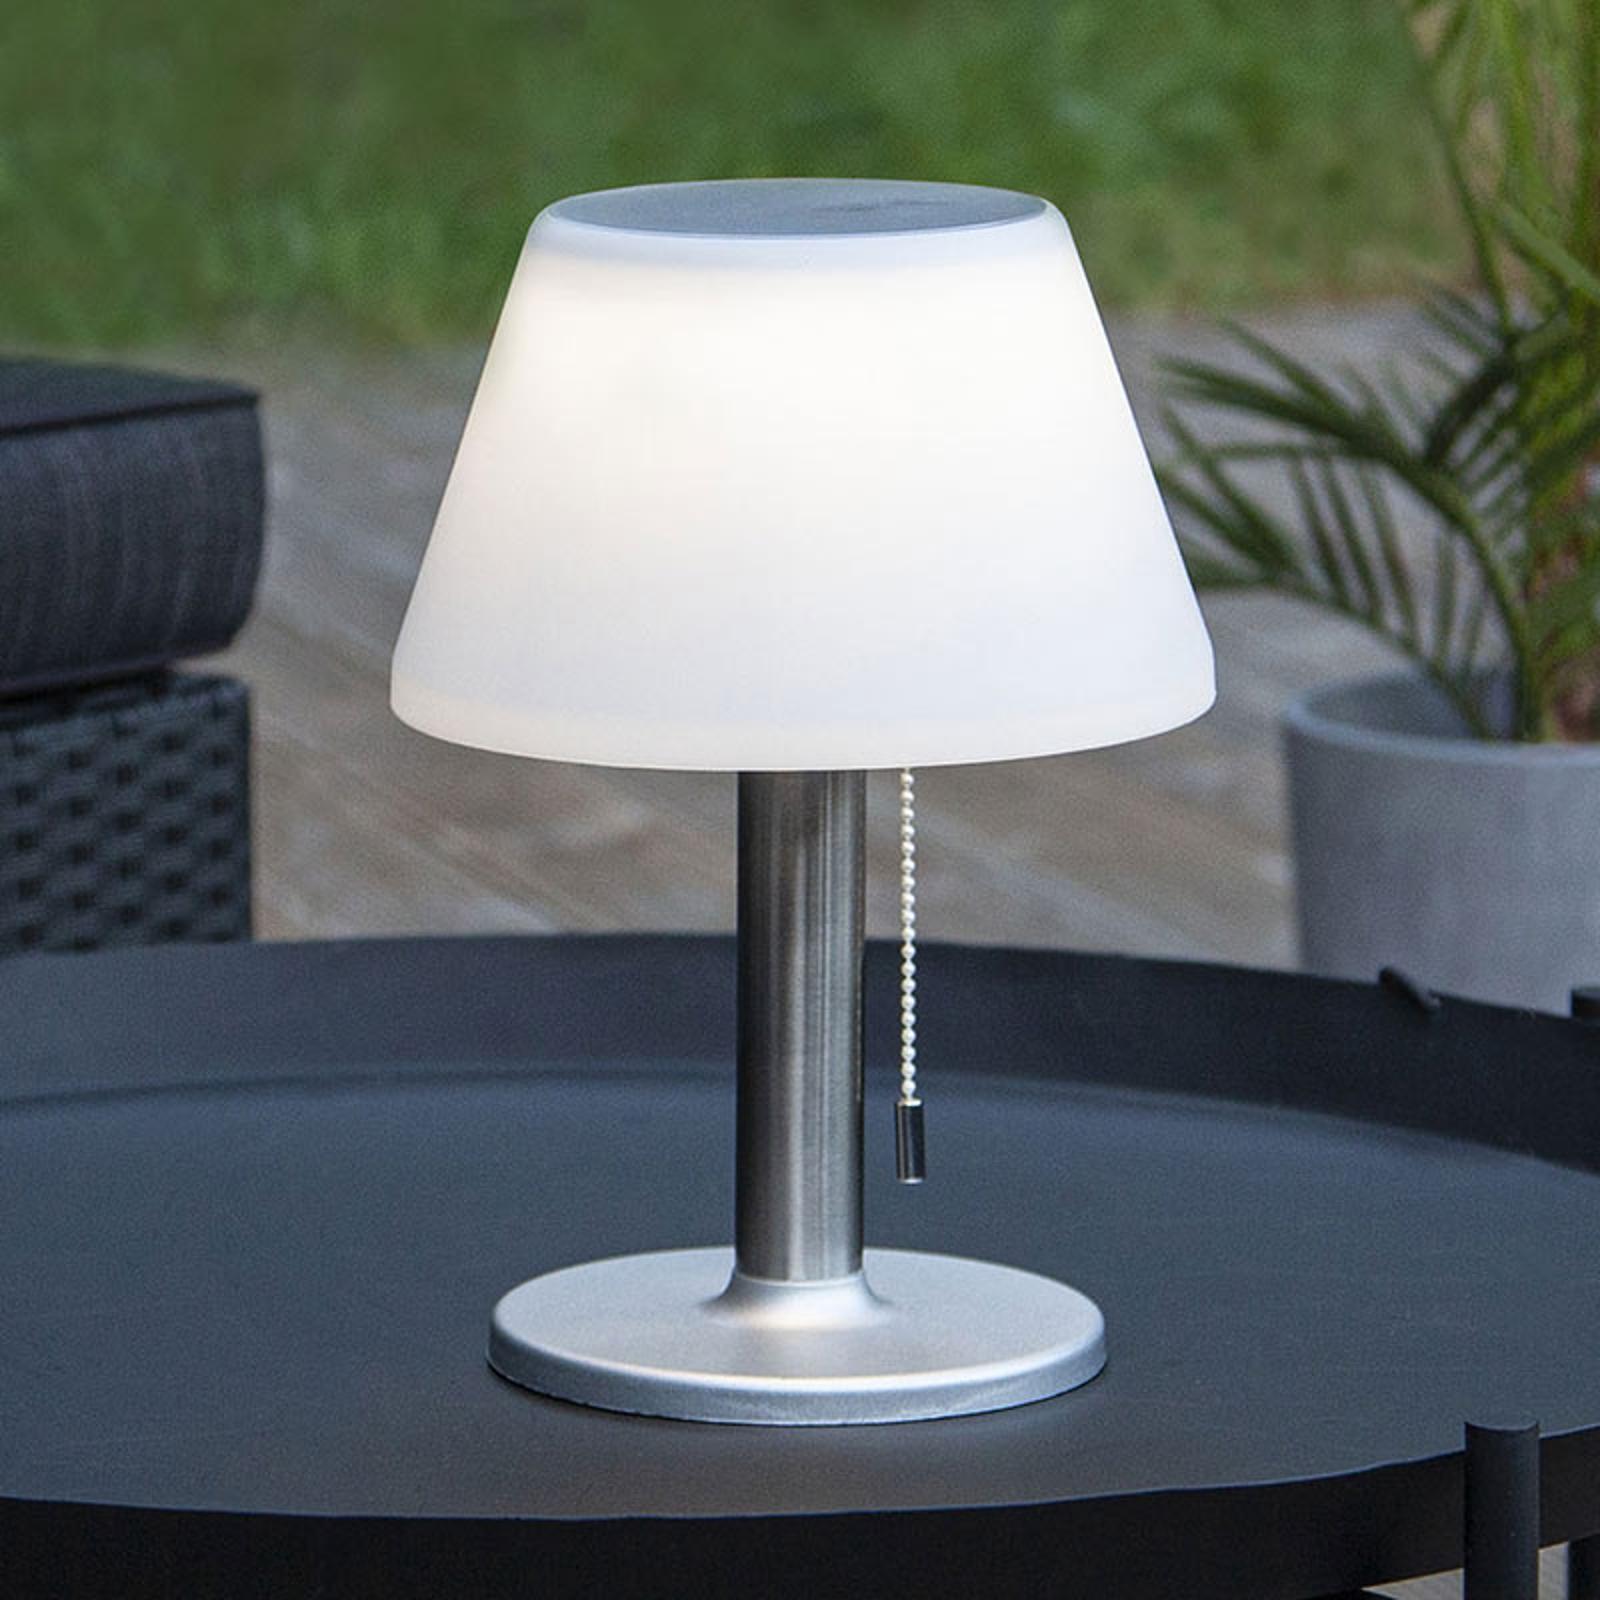 LED solární stolní lampa Solia s tahovým vypínačem